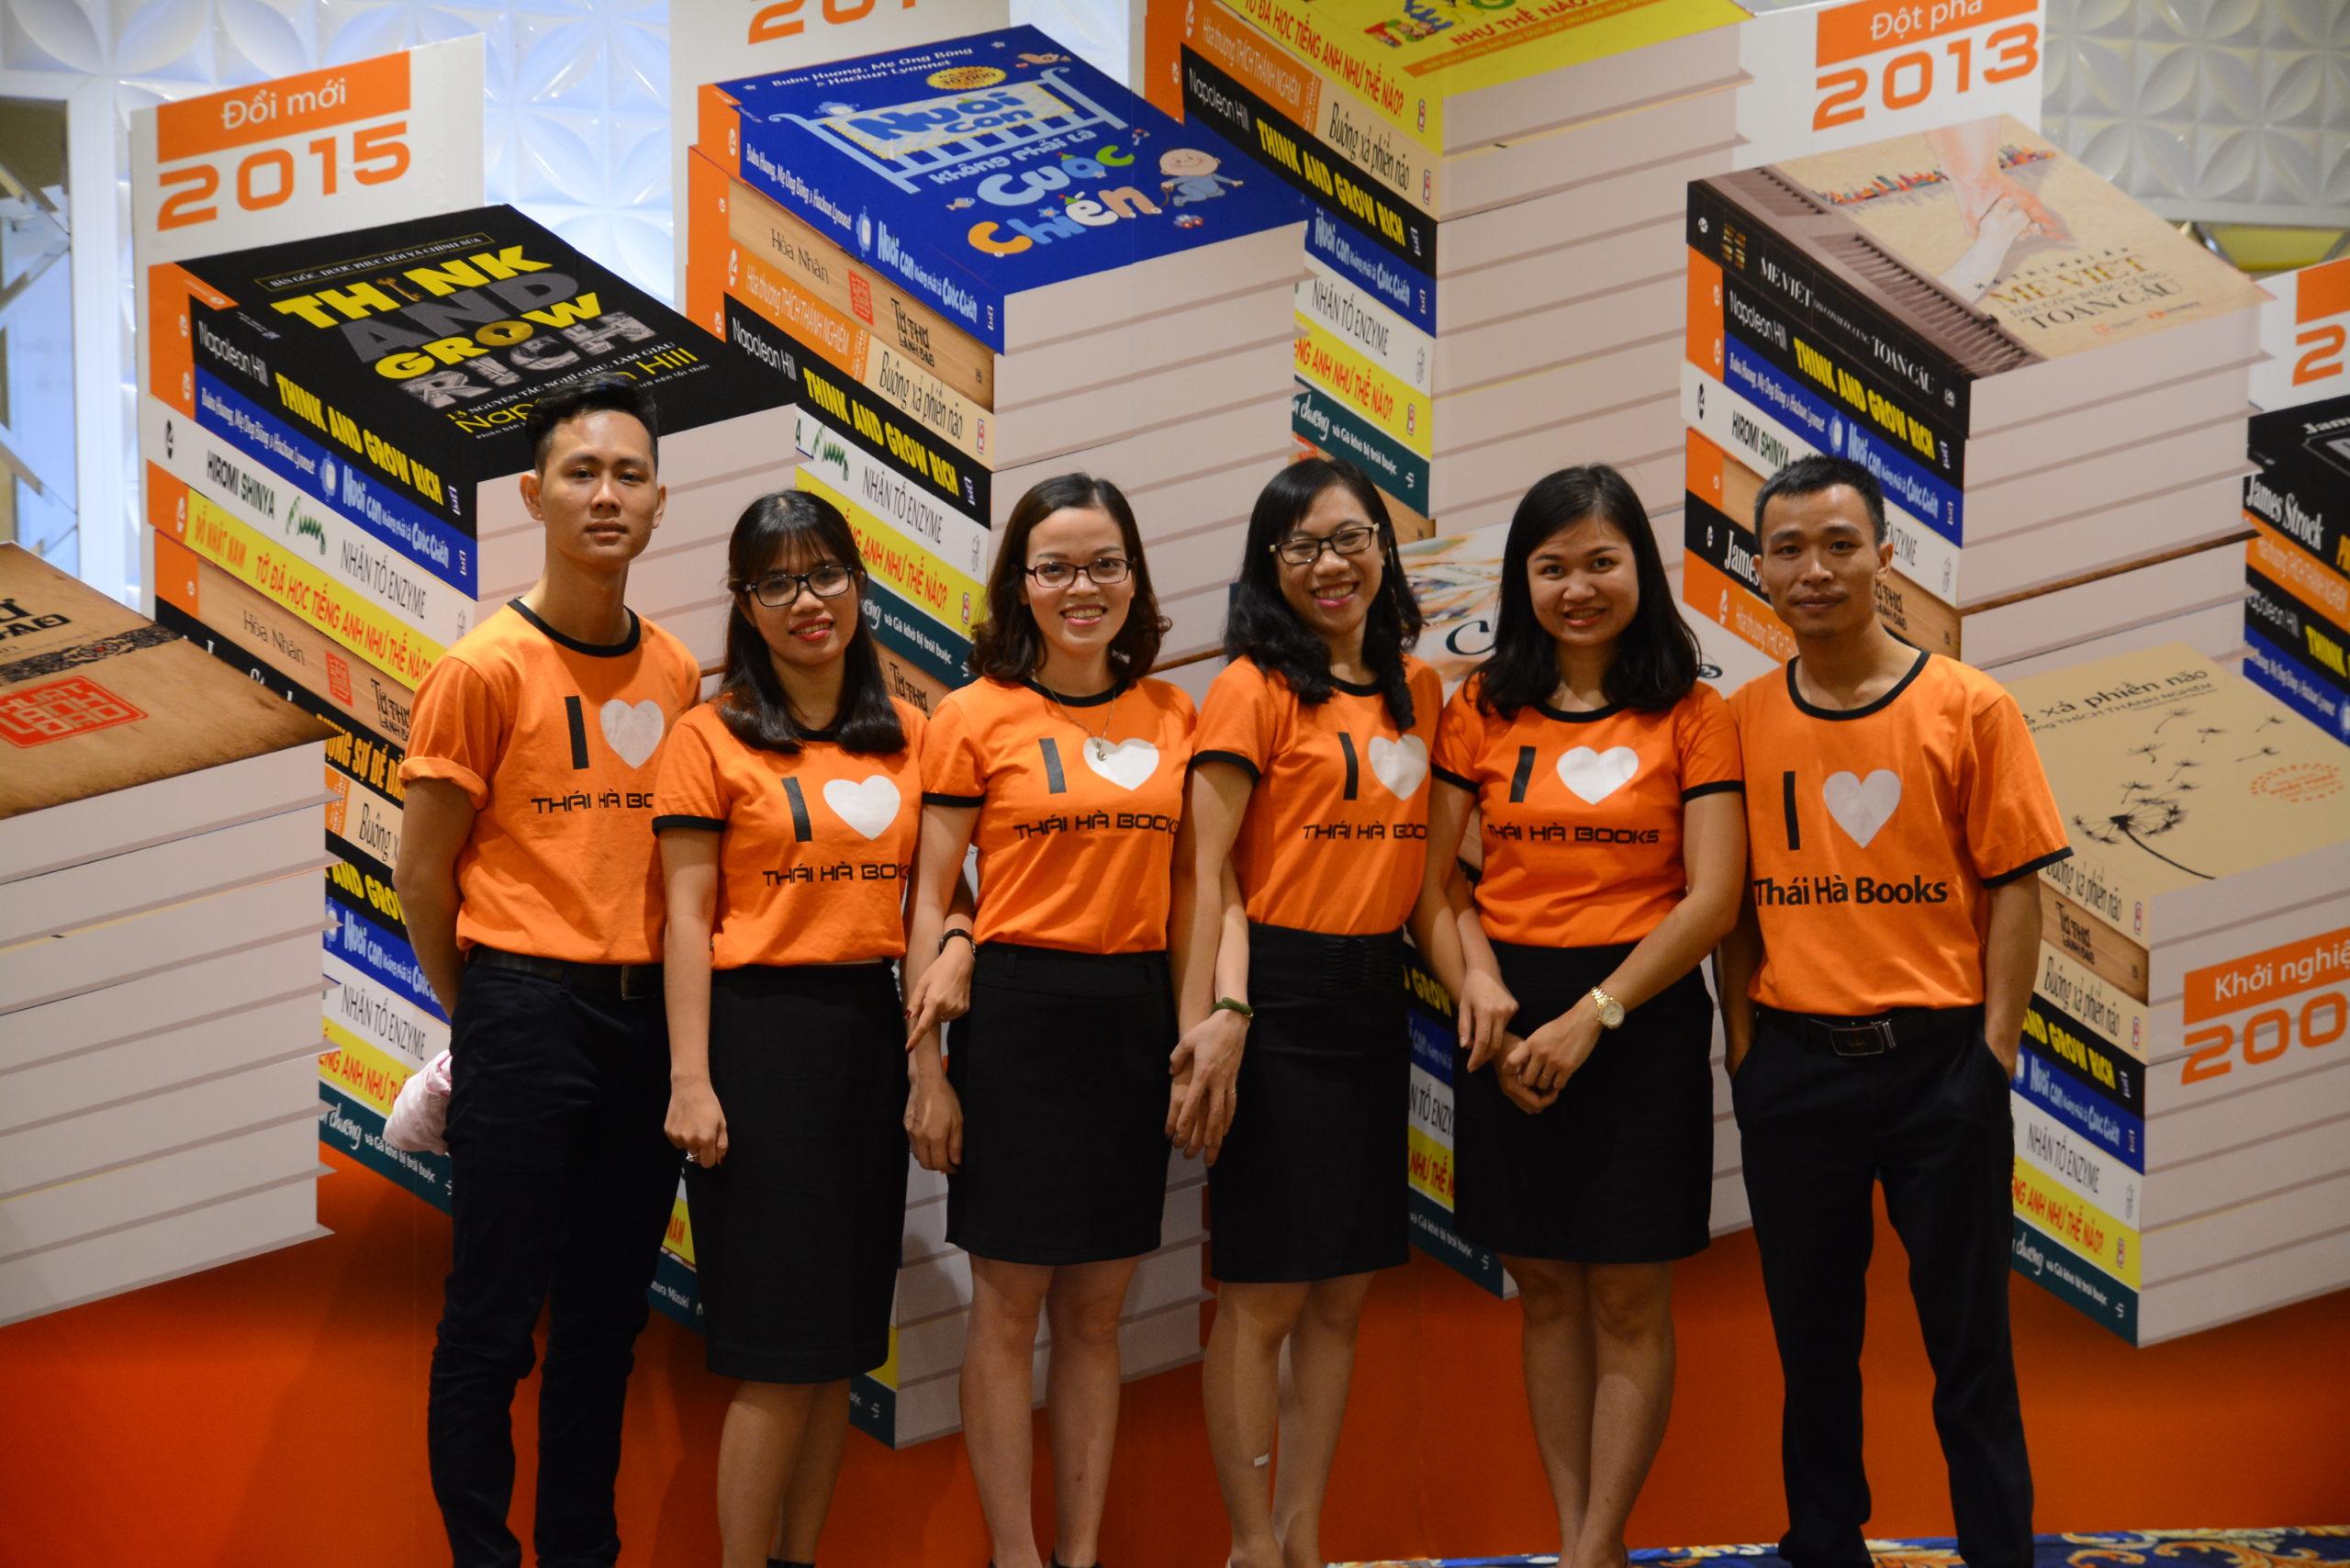 [ThaiHaBooks] Lễ kỷ niệm 10 năm thành lập Thái Hà Books